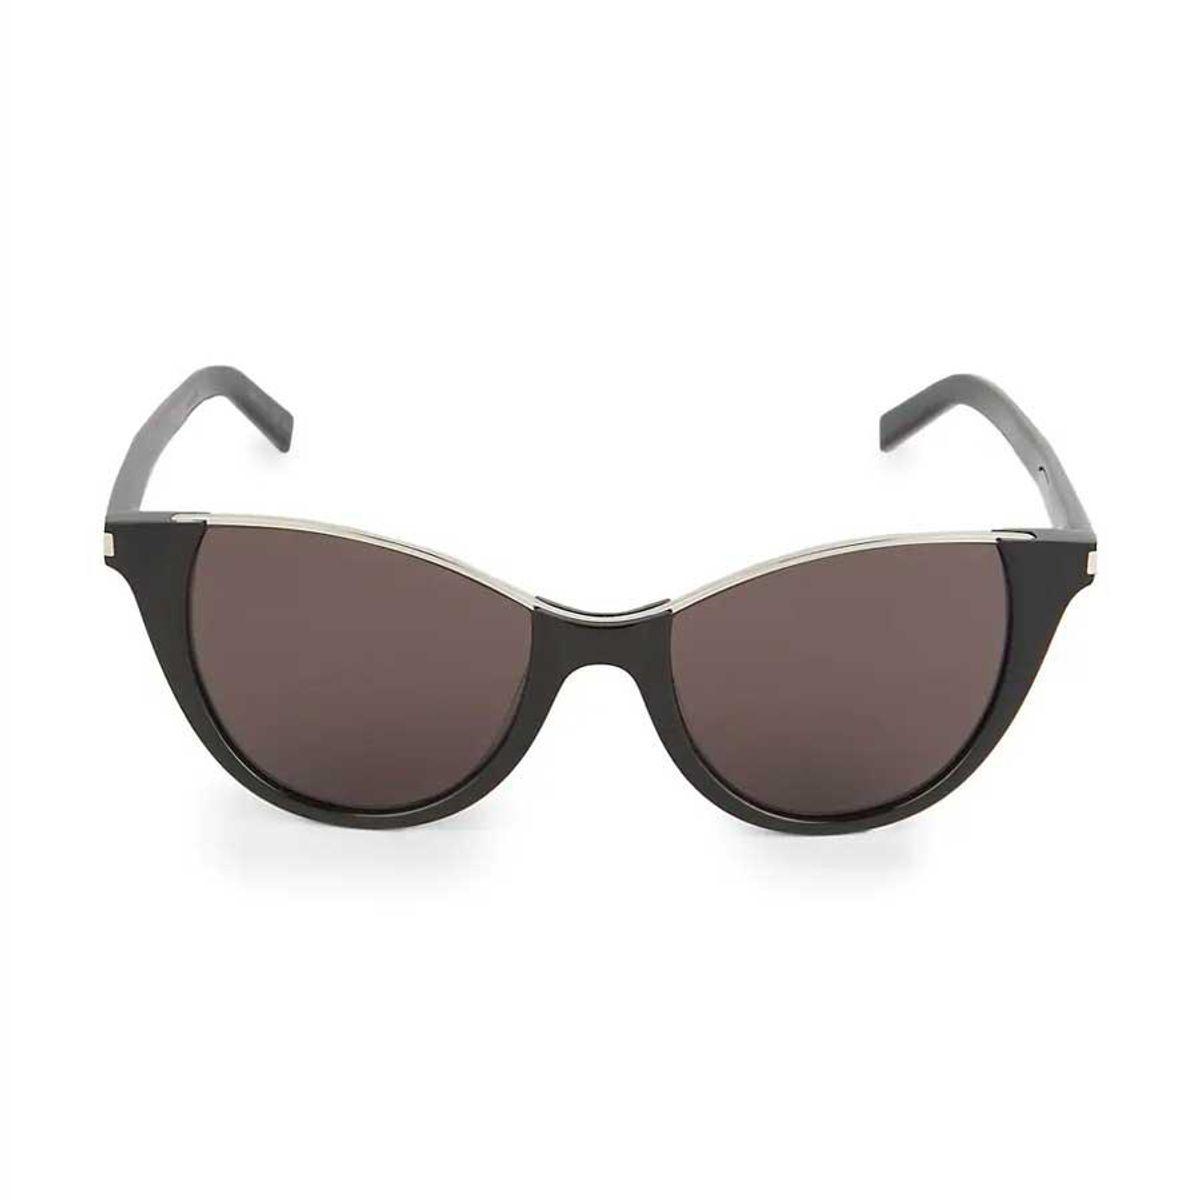 saint laurent 52mm cat eye sunglasses